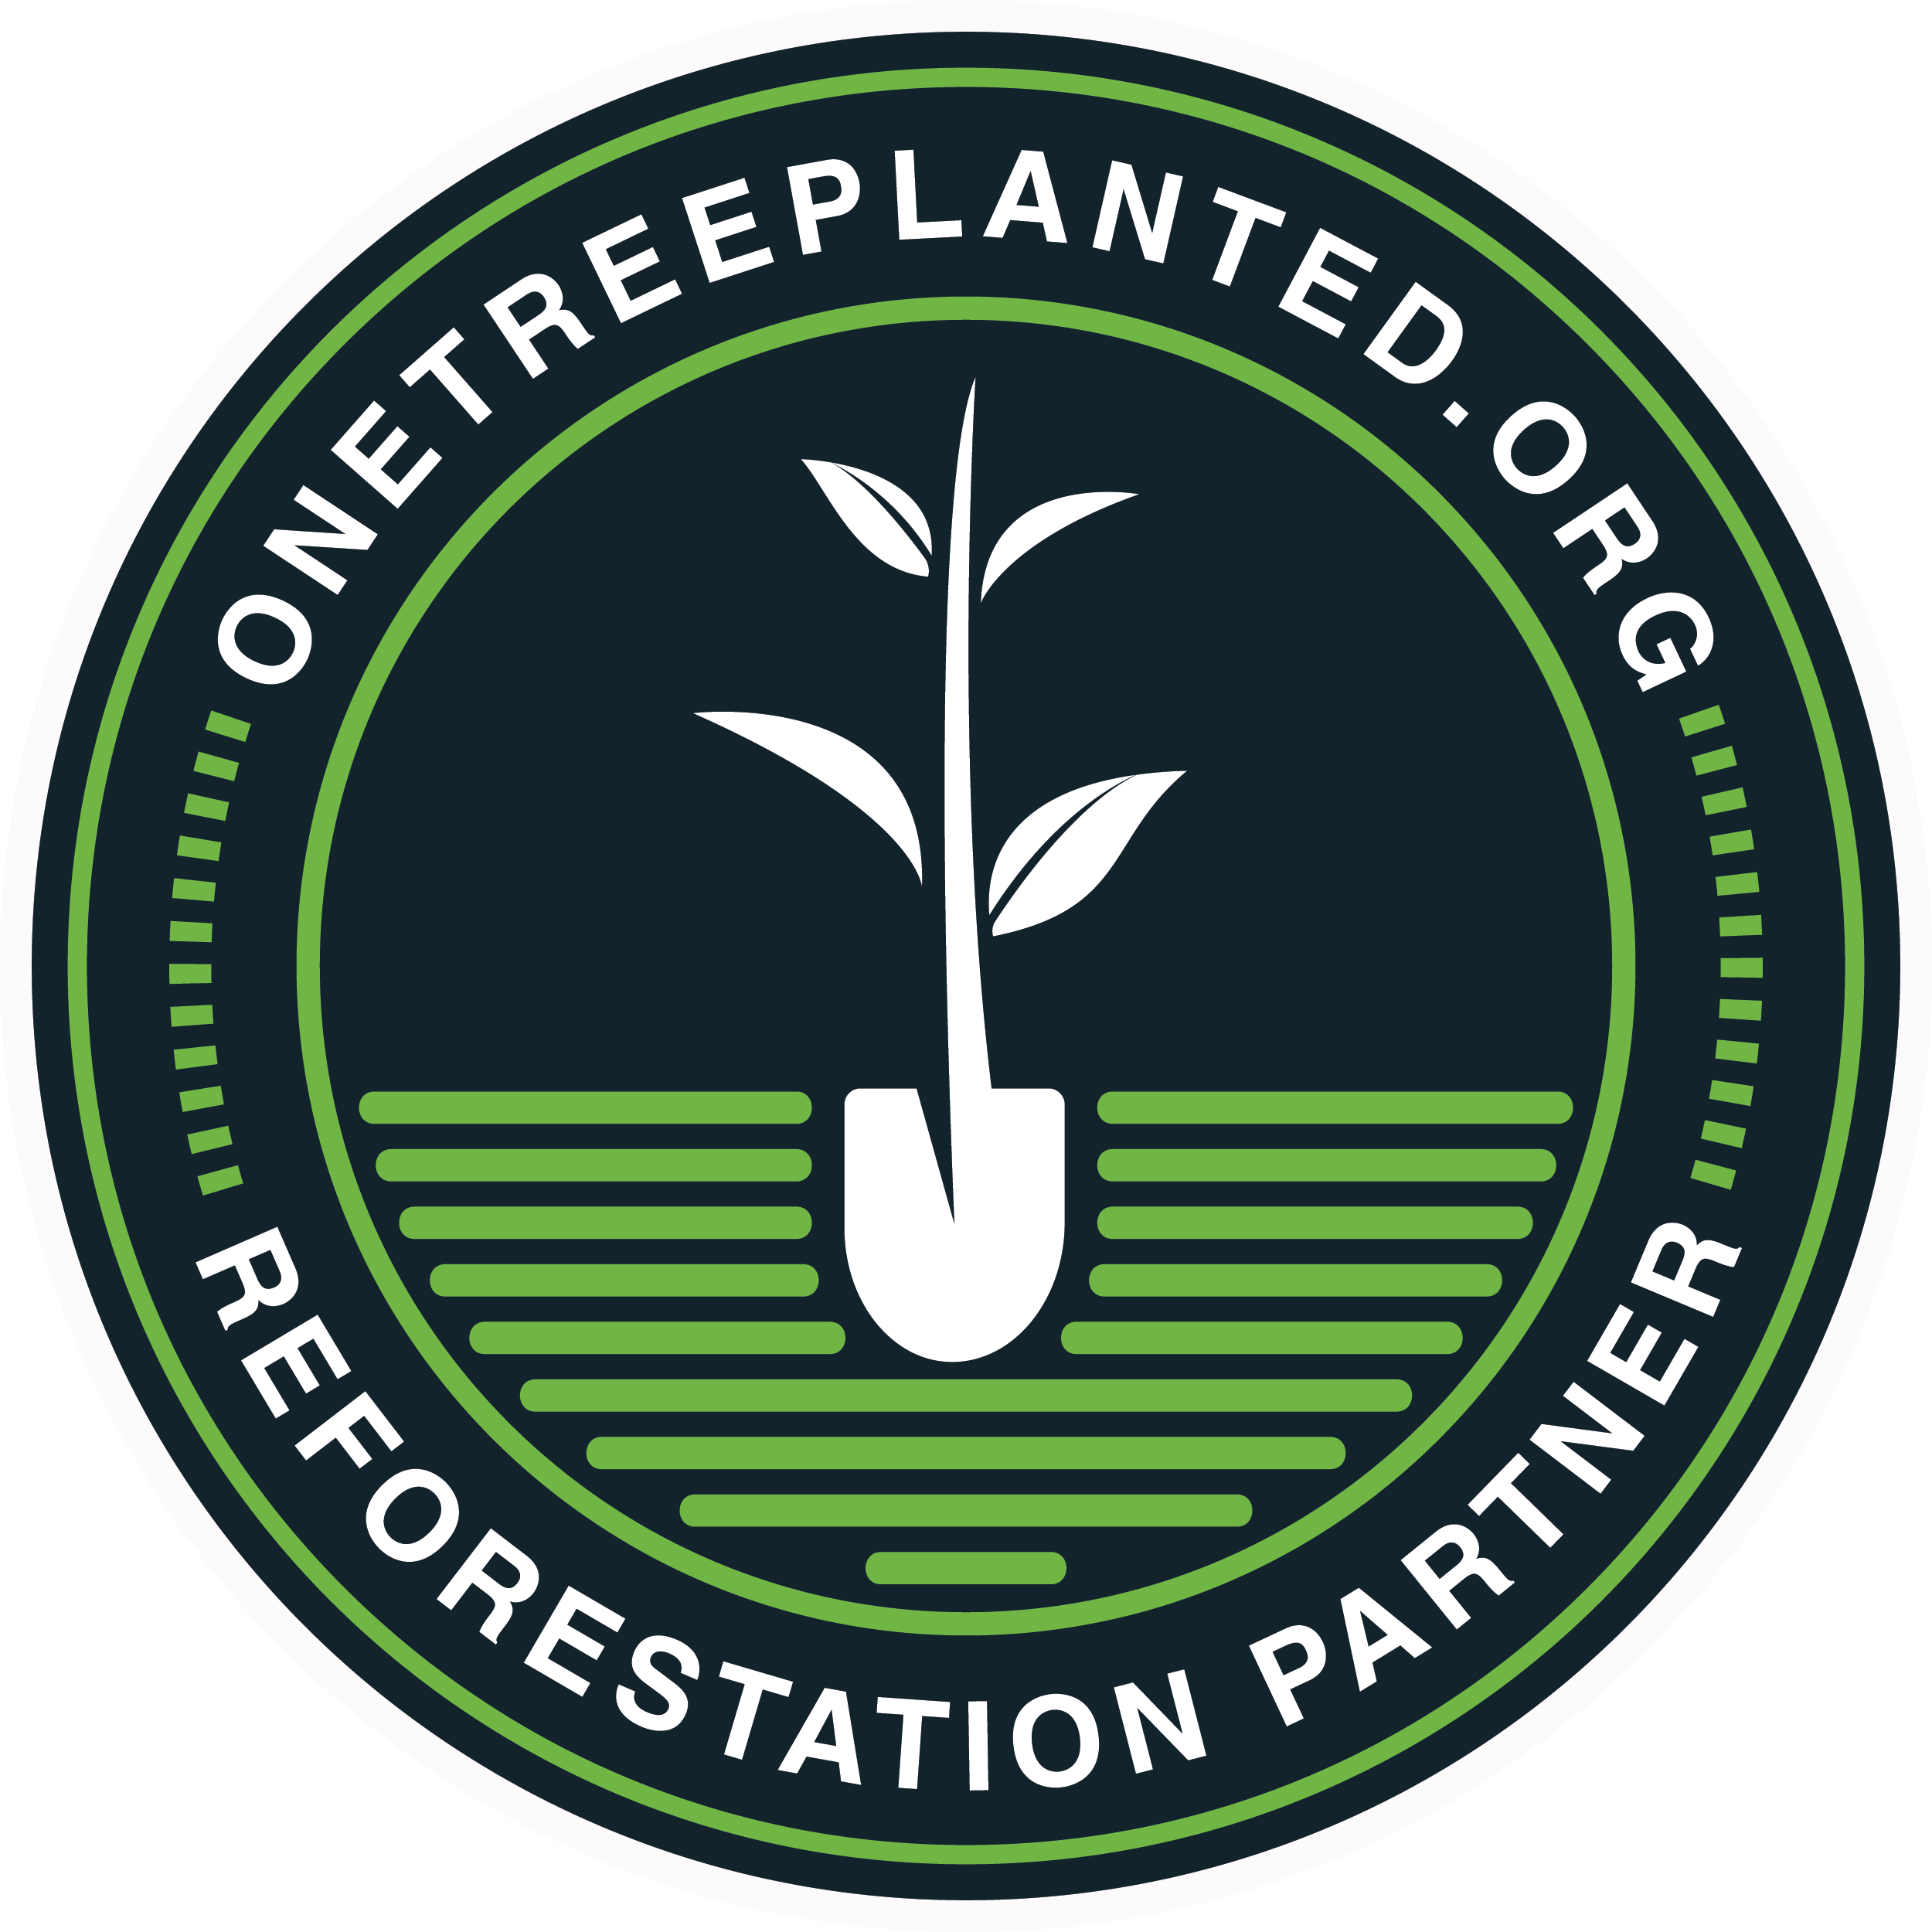 ReforestationPartnerLogo.png